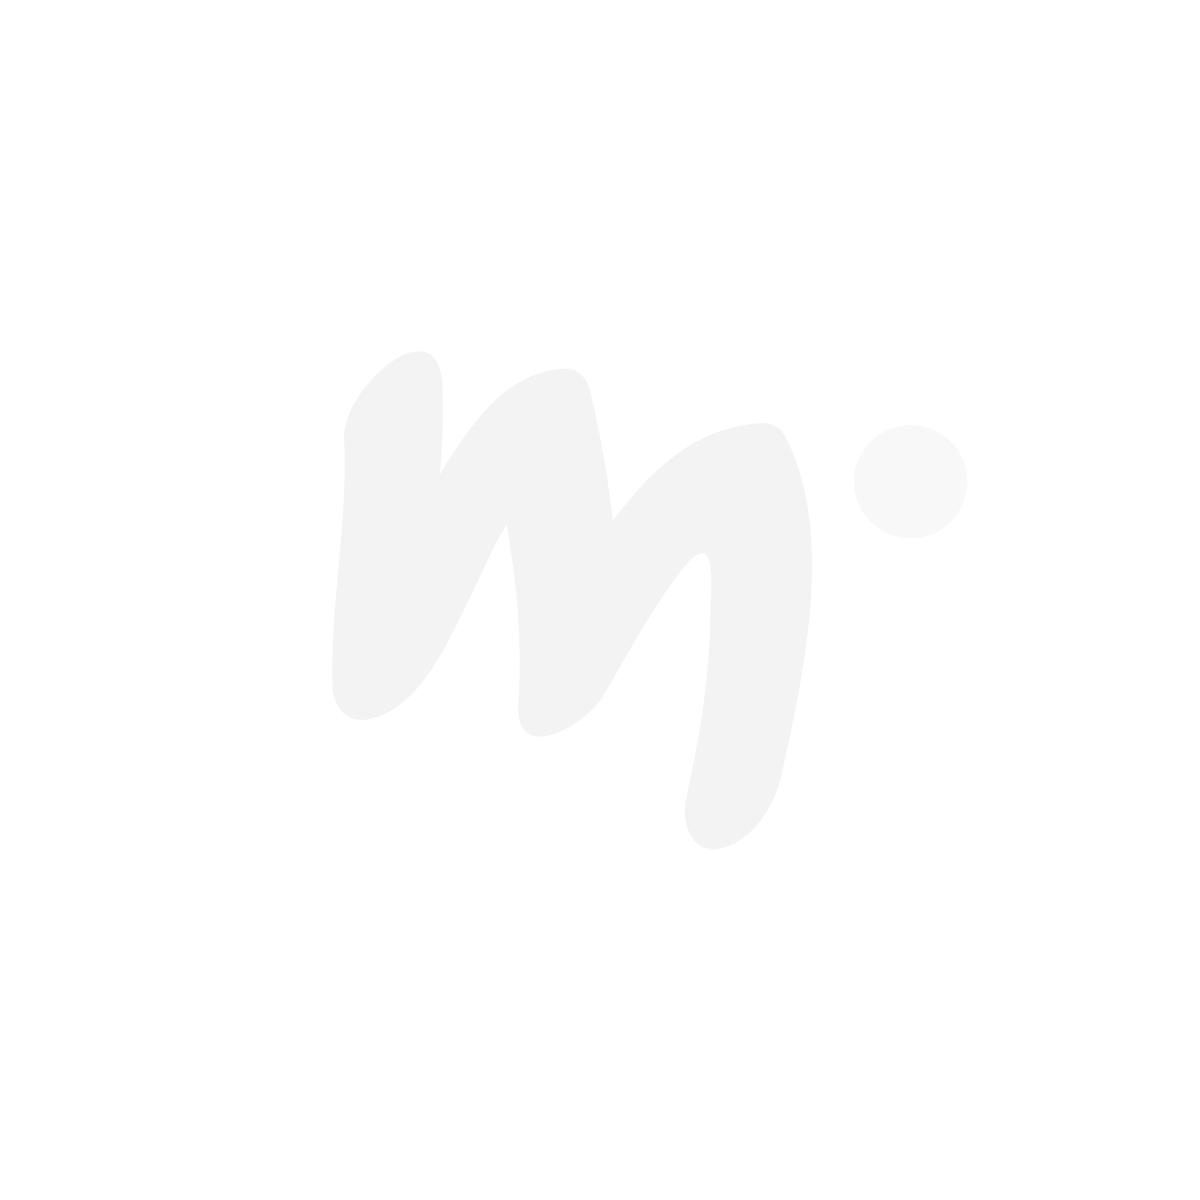 Muumi Aakkoset-body luonnonvalkoinen